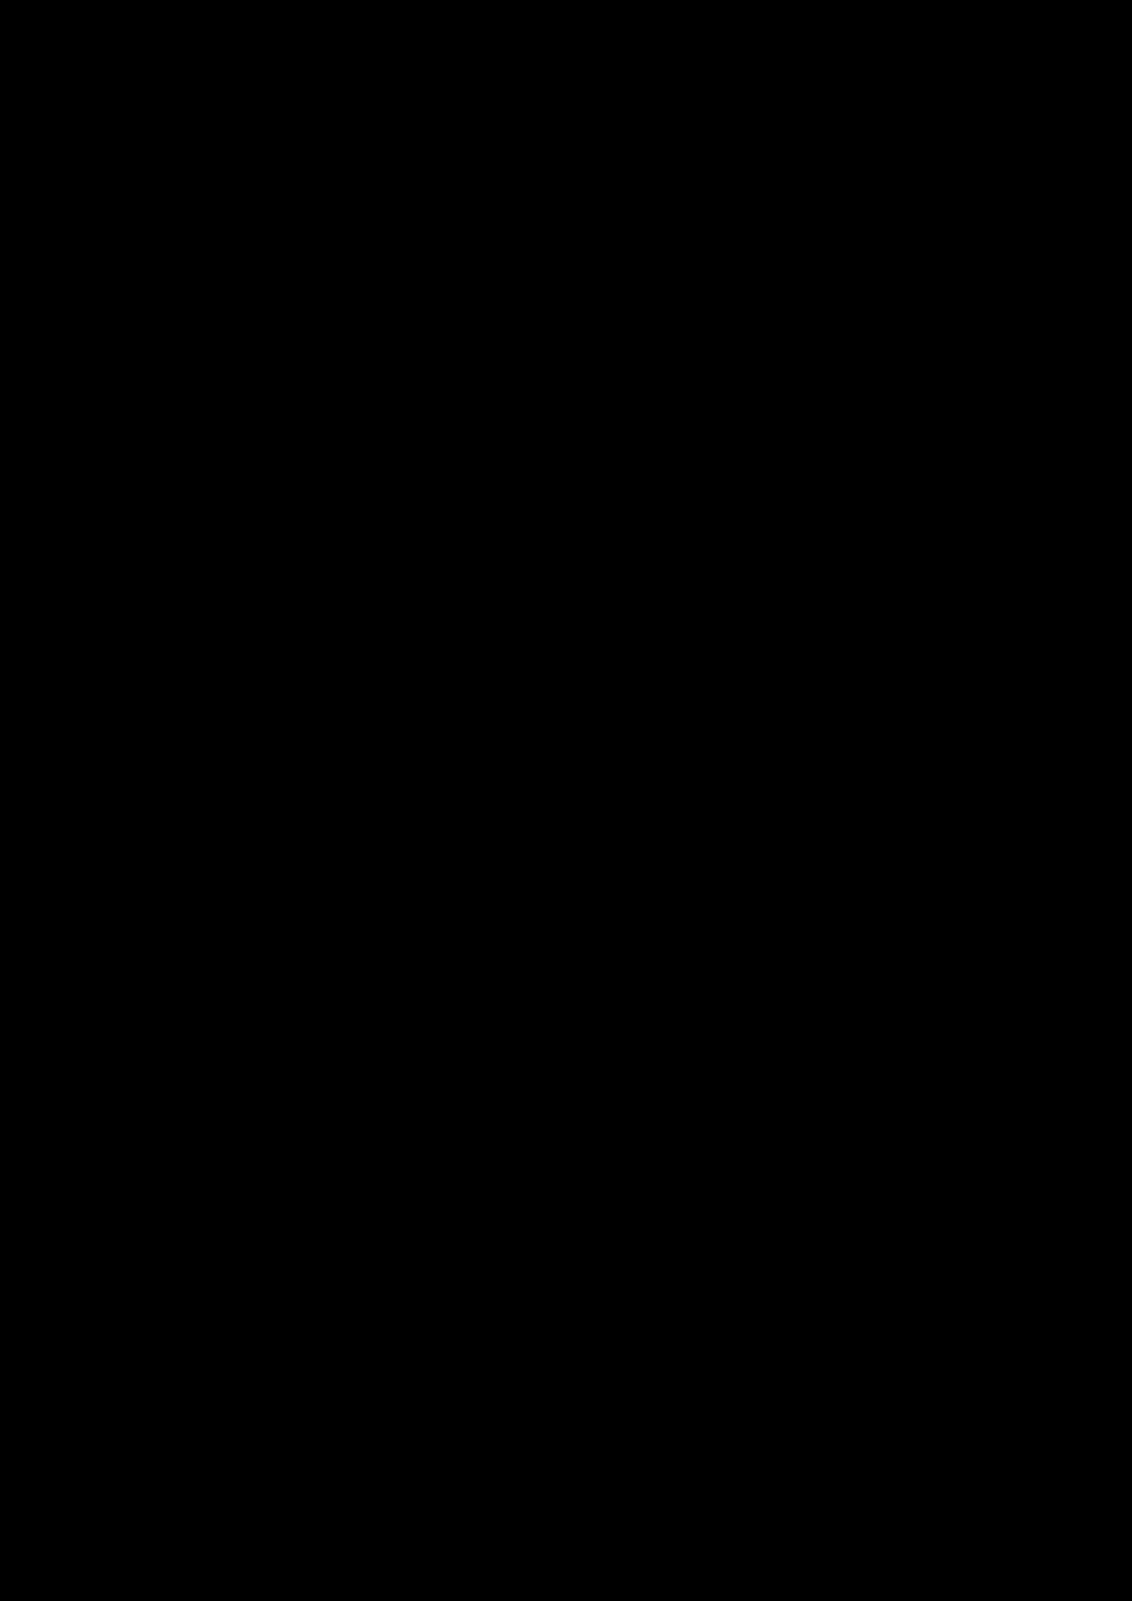 Pohod slide, Image 2